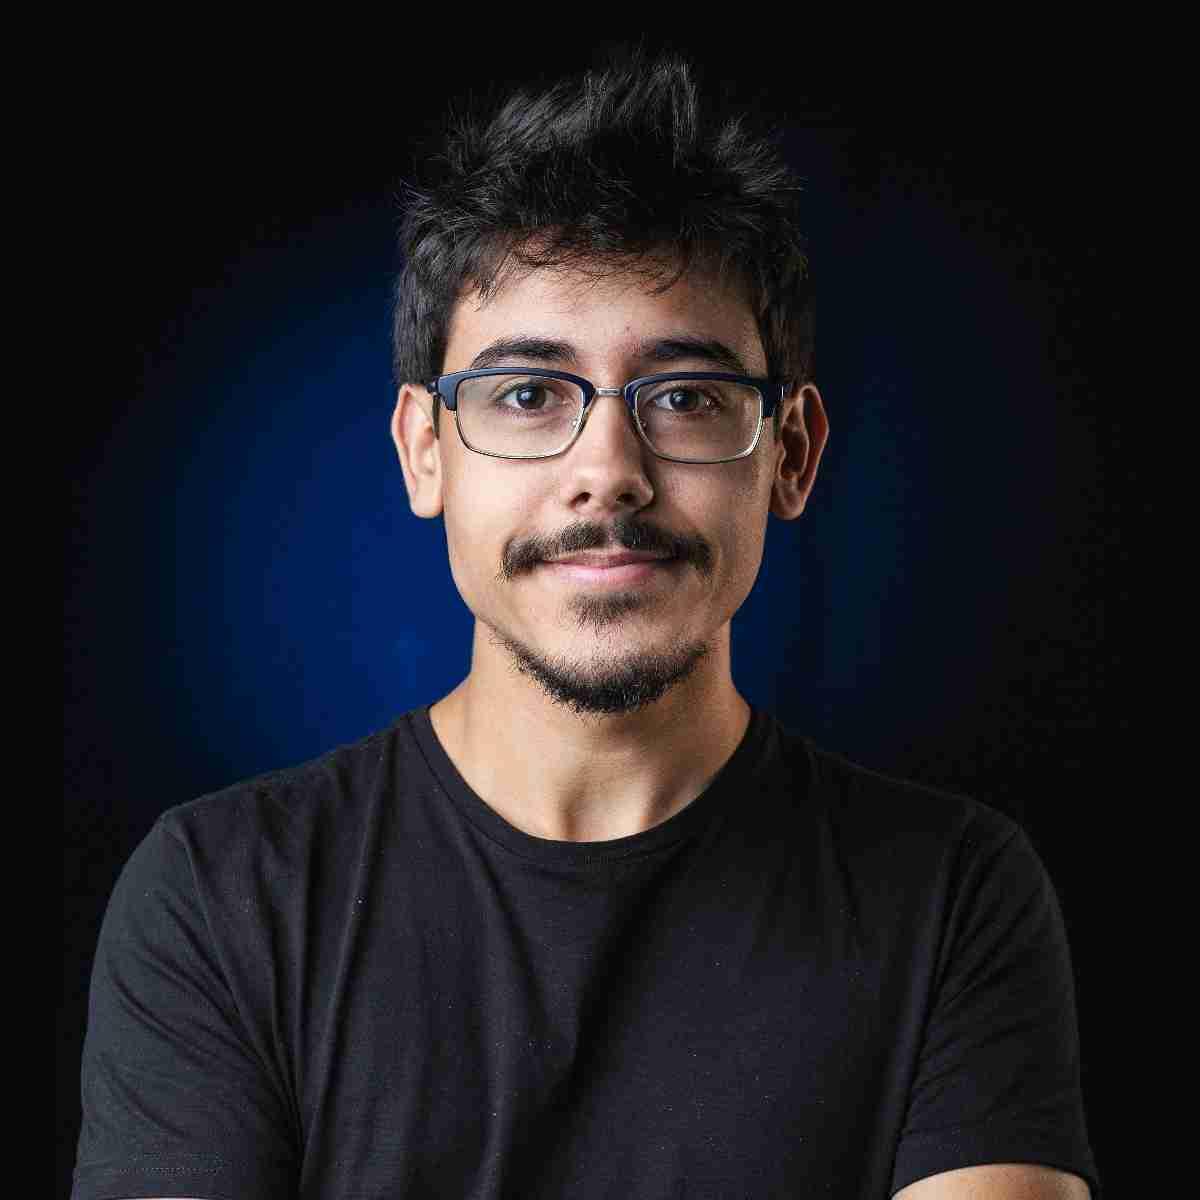 Kevin Luiz da Silva